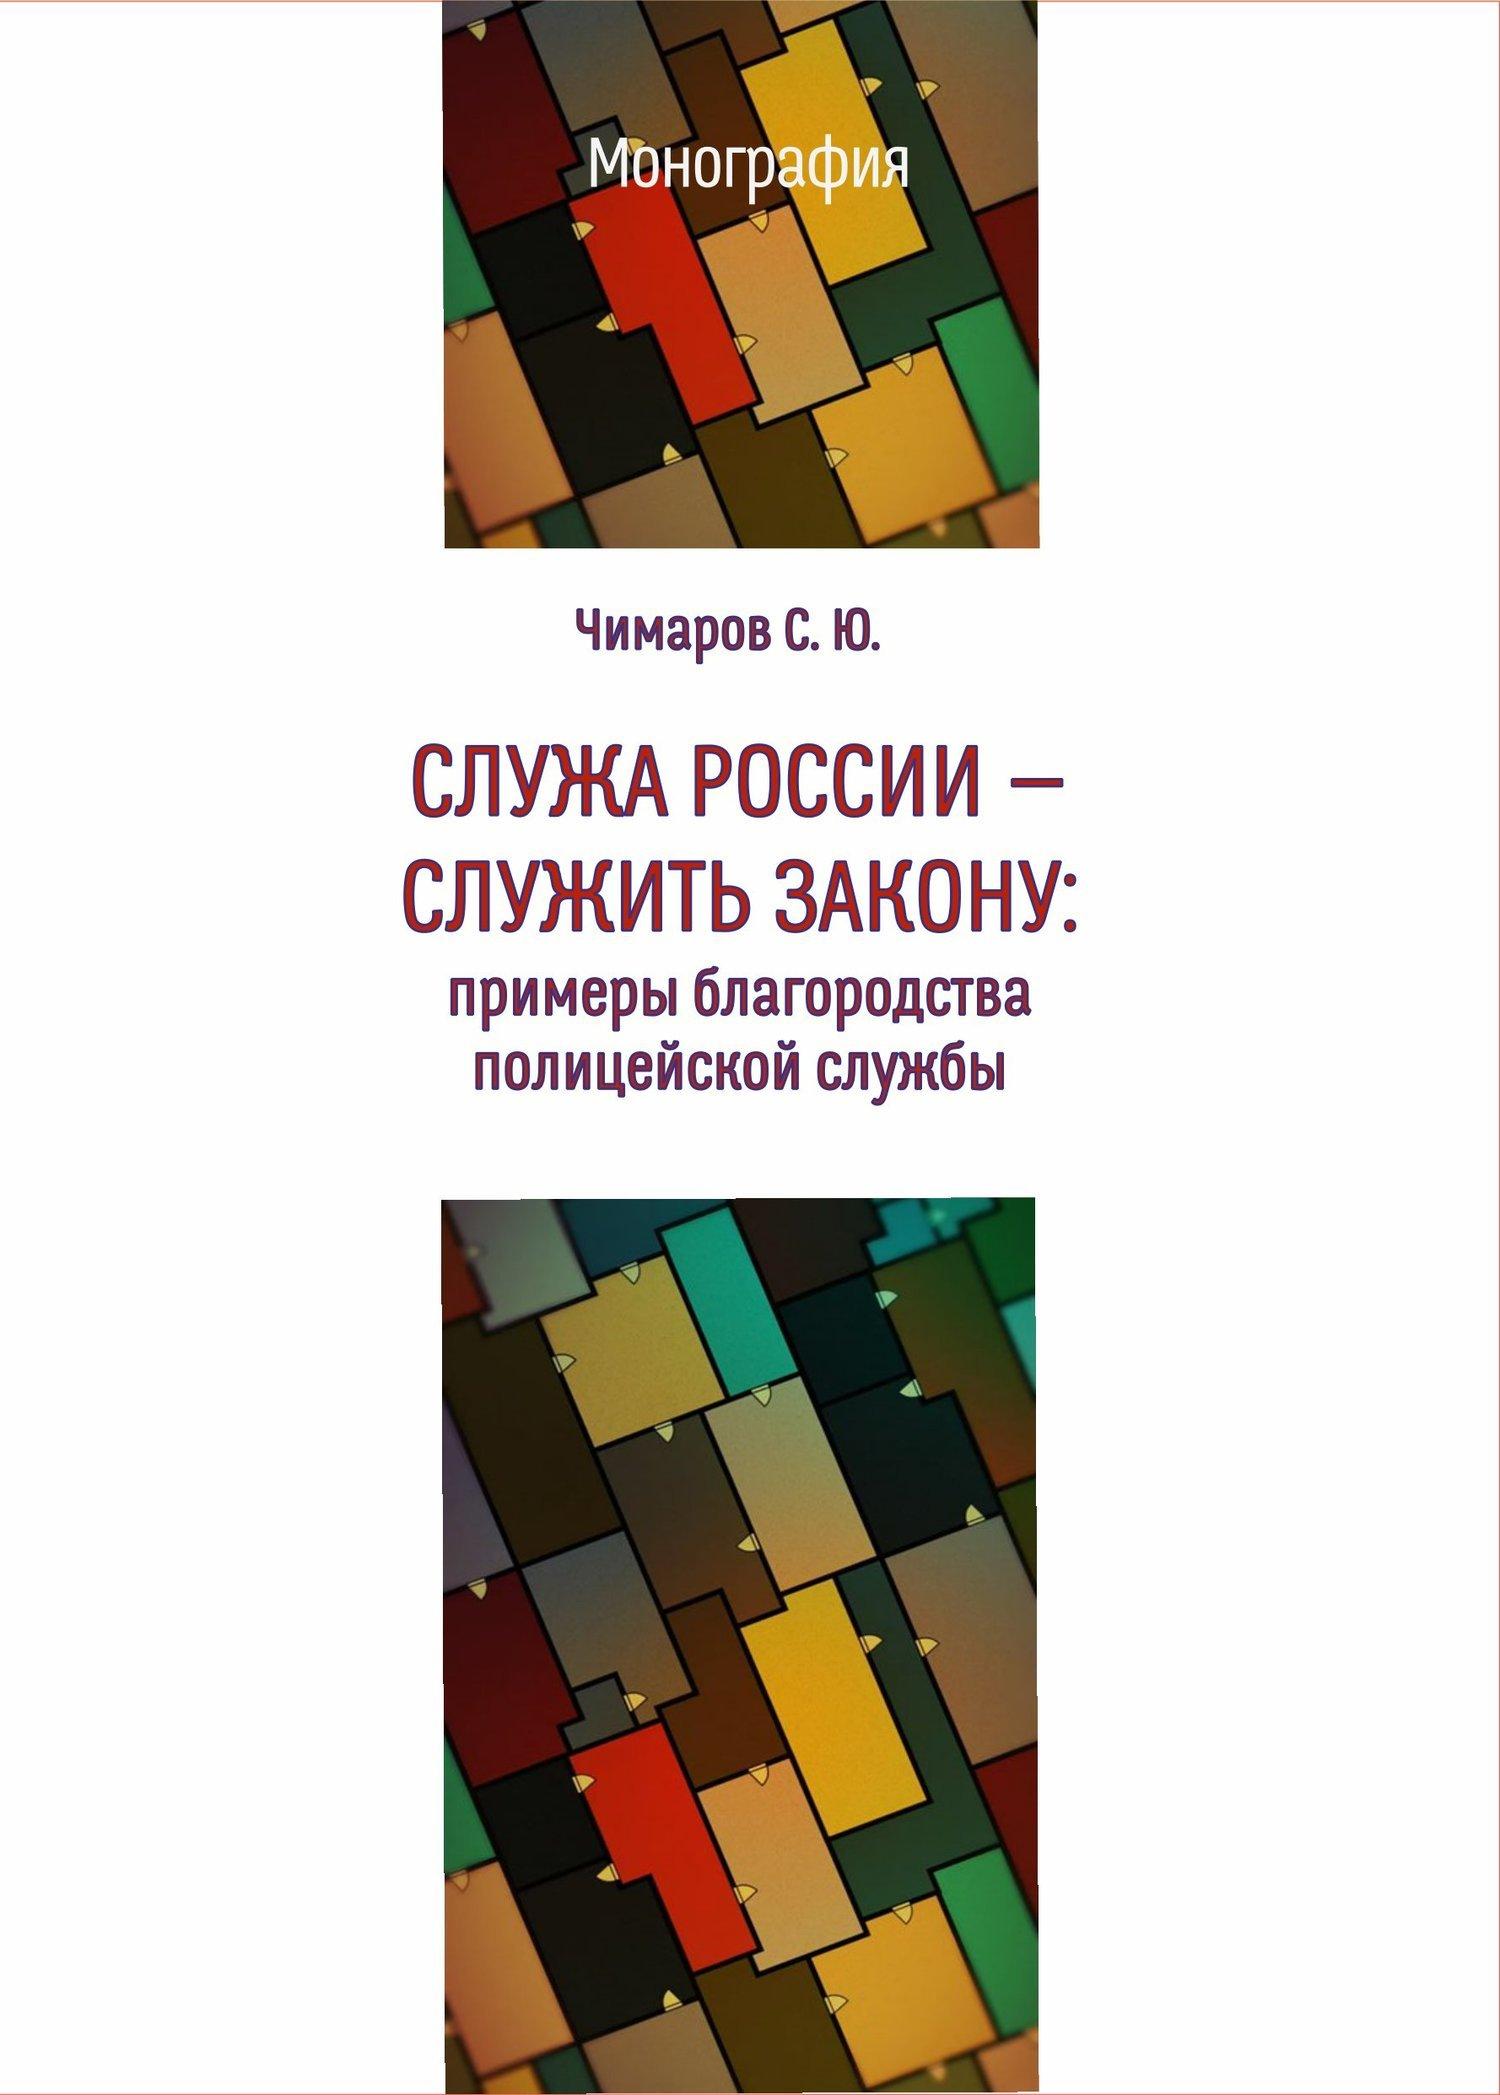 Служа России – служить закону. Примеры благородства полицейской службы